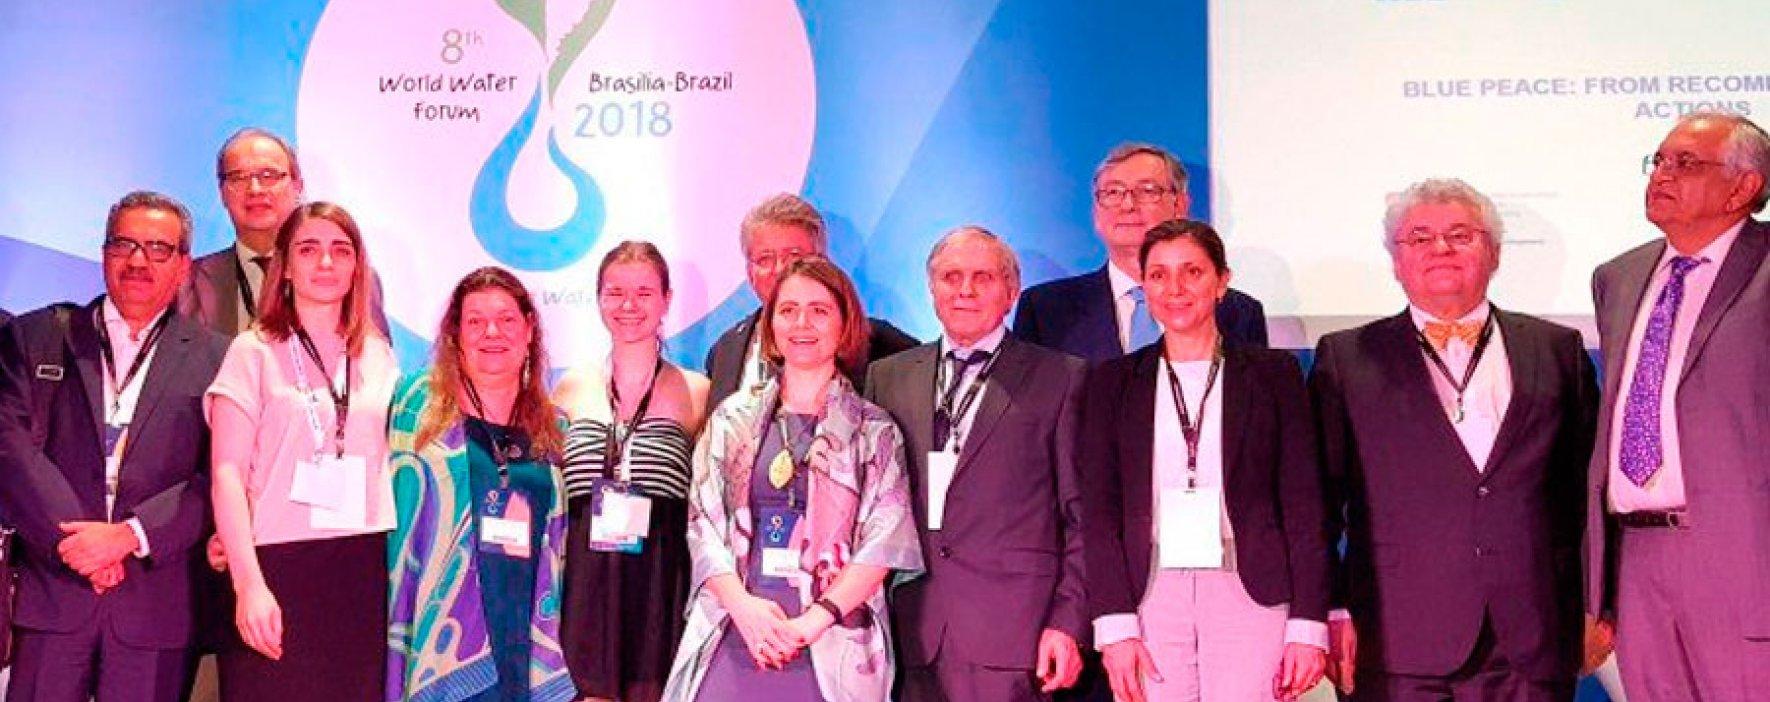 Colombia fue ejemplo en foro mundial de Agua y Paz en Brasil